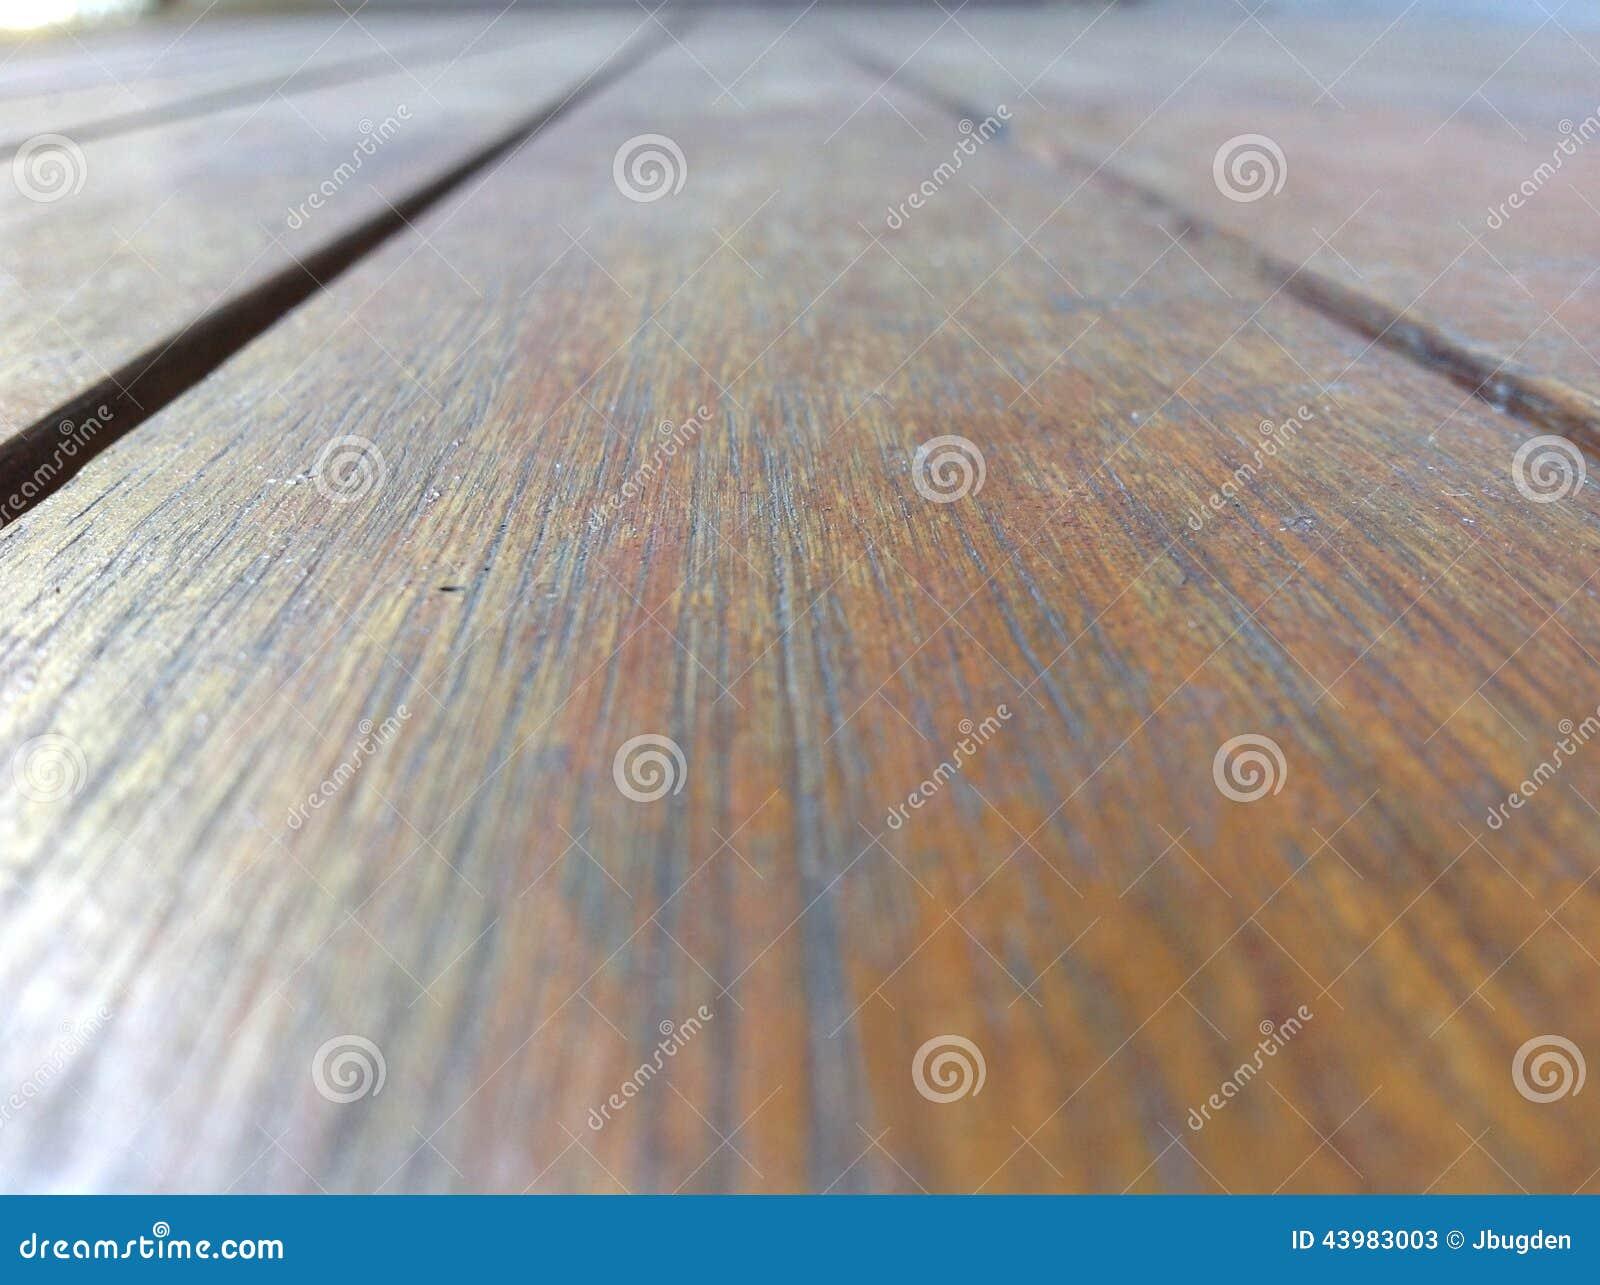 Fußboden Planken ~ Rustikale hölzerne bretter planken fußboden decking stockbild bild